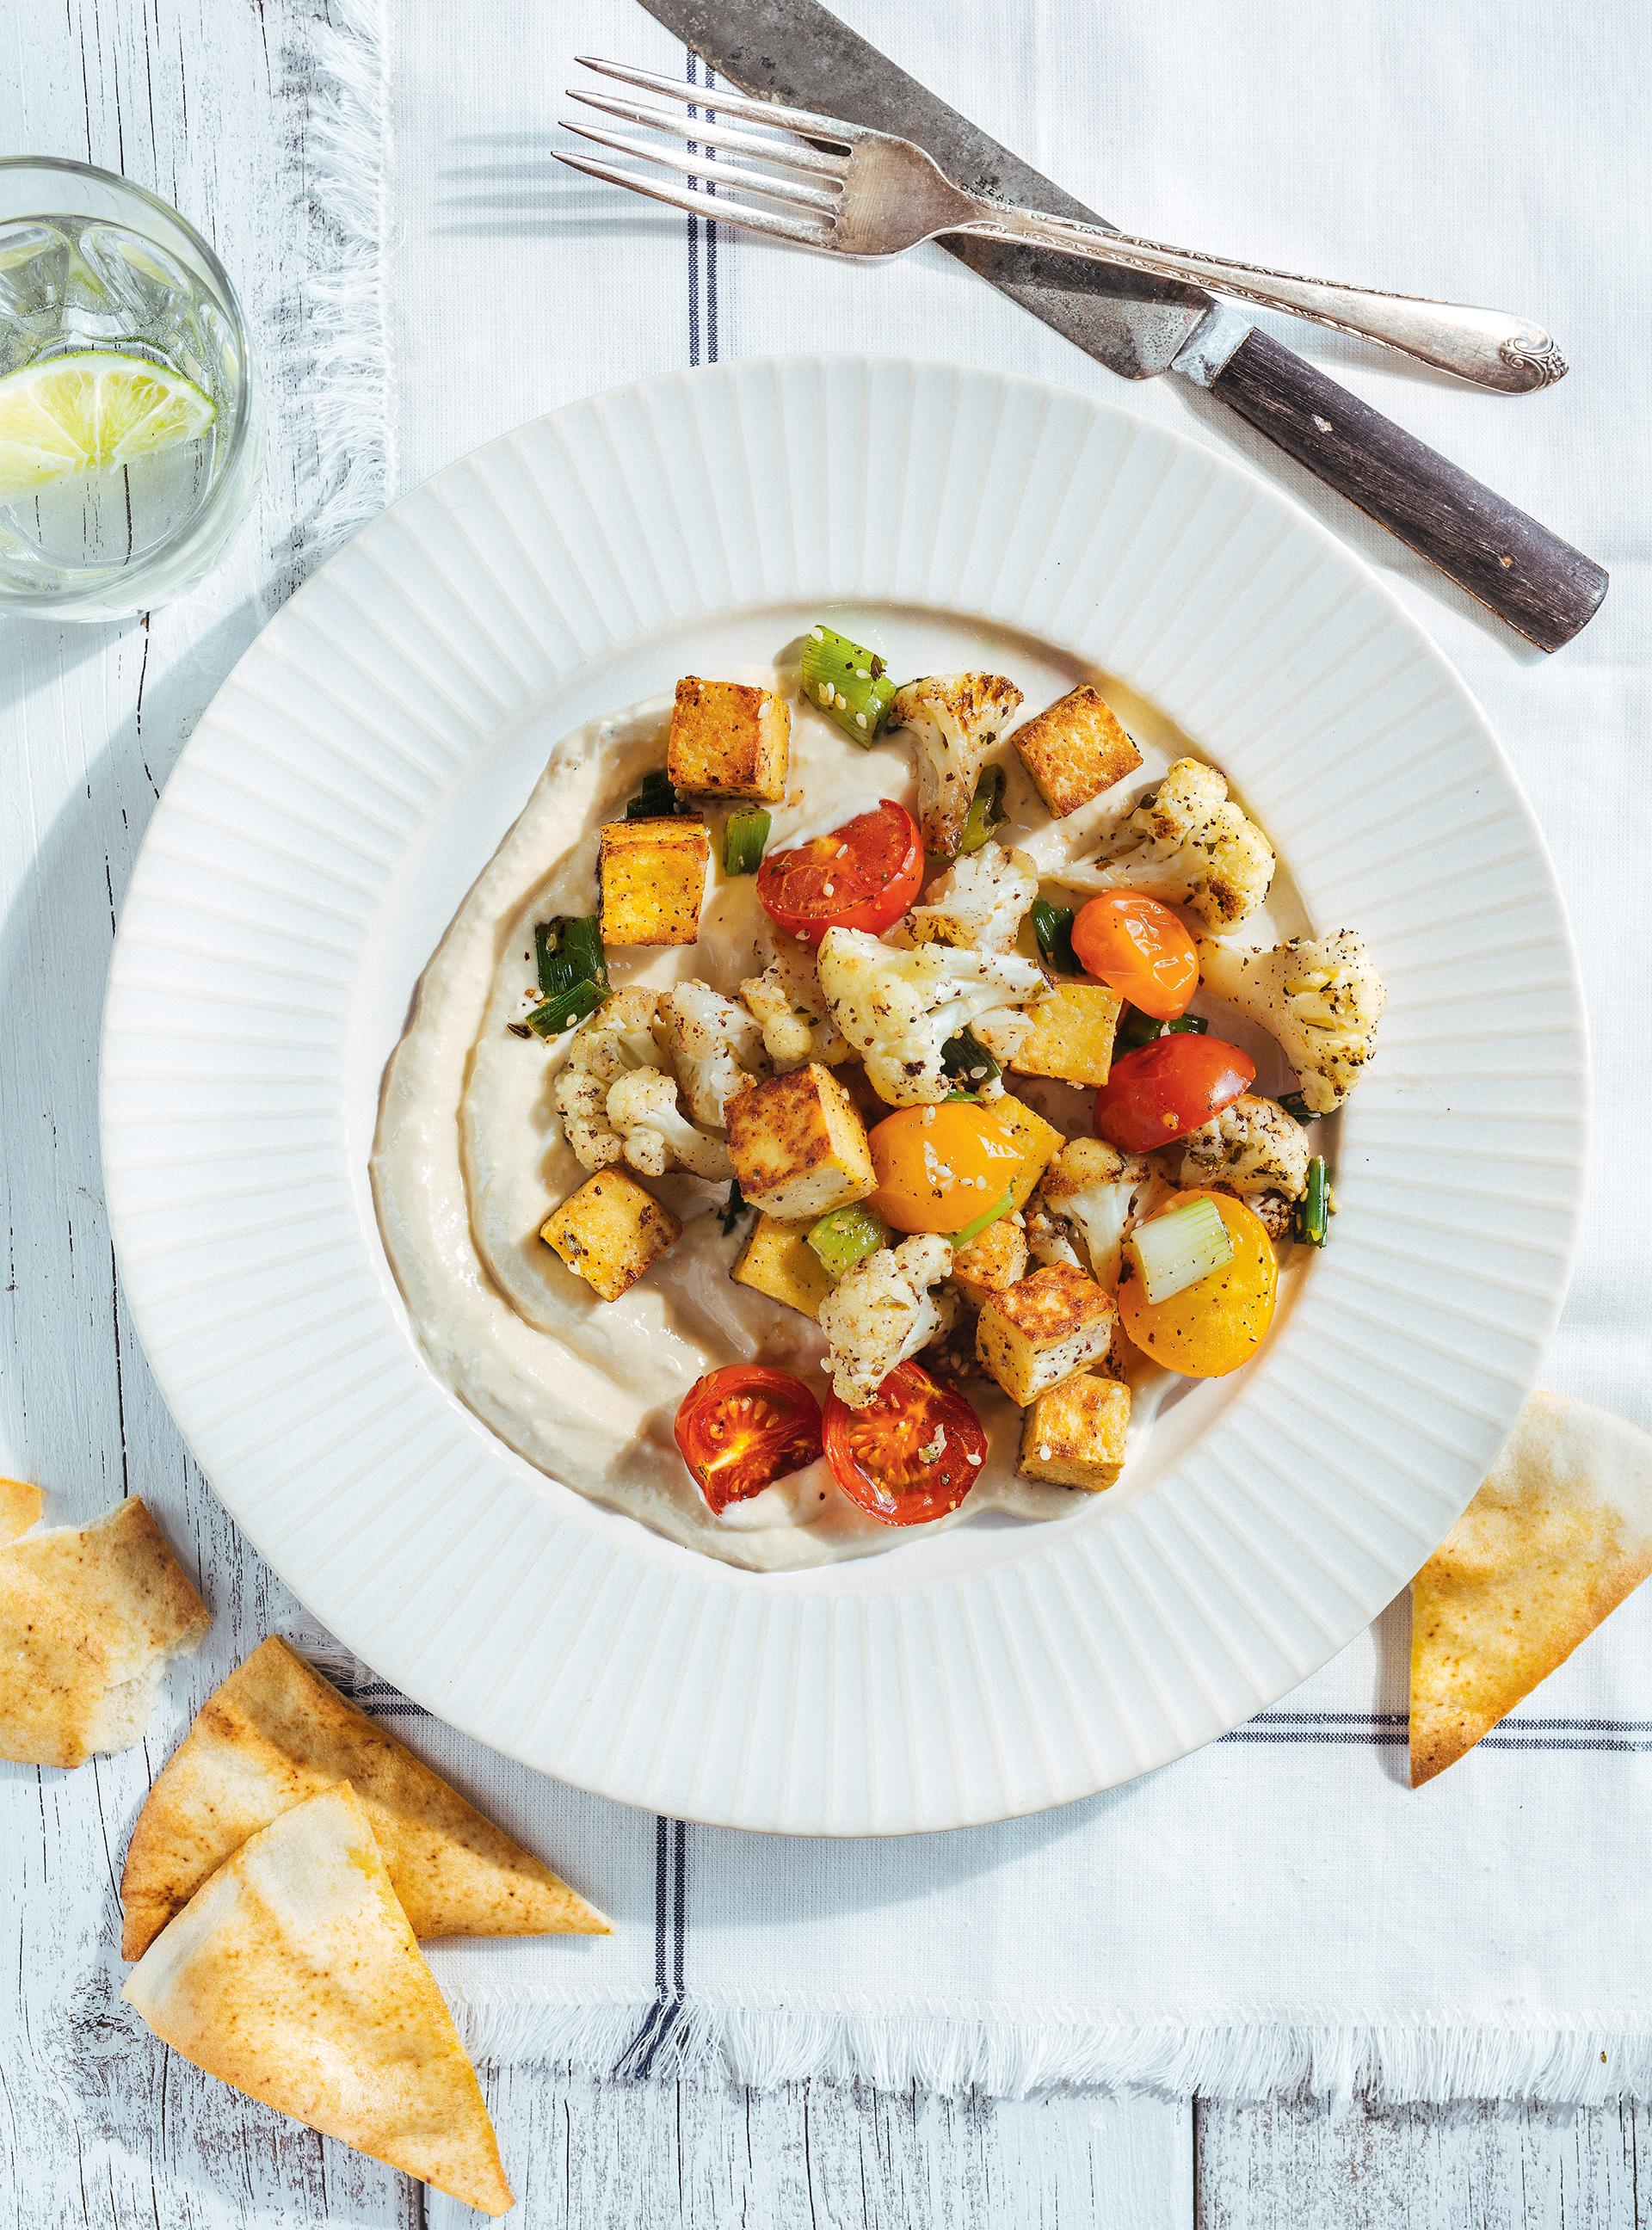 Sauté de tofu et de légumes sur hummus au yogourt | ricardo